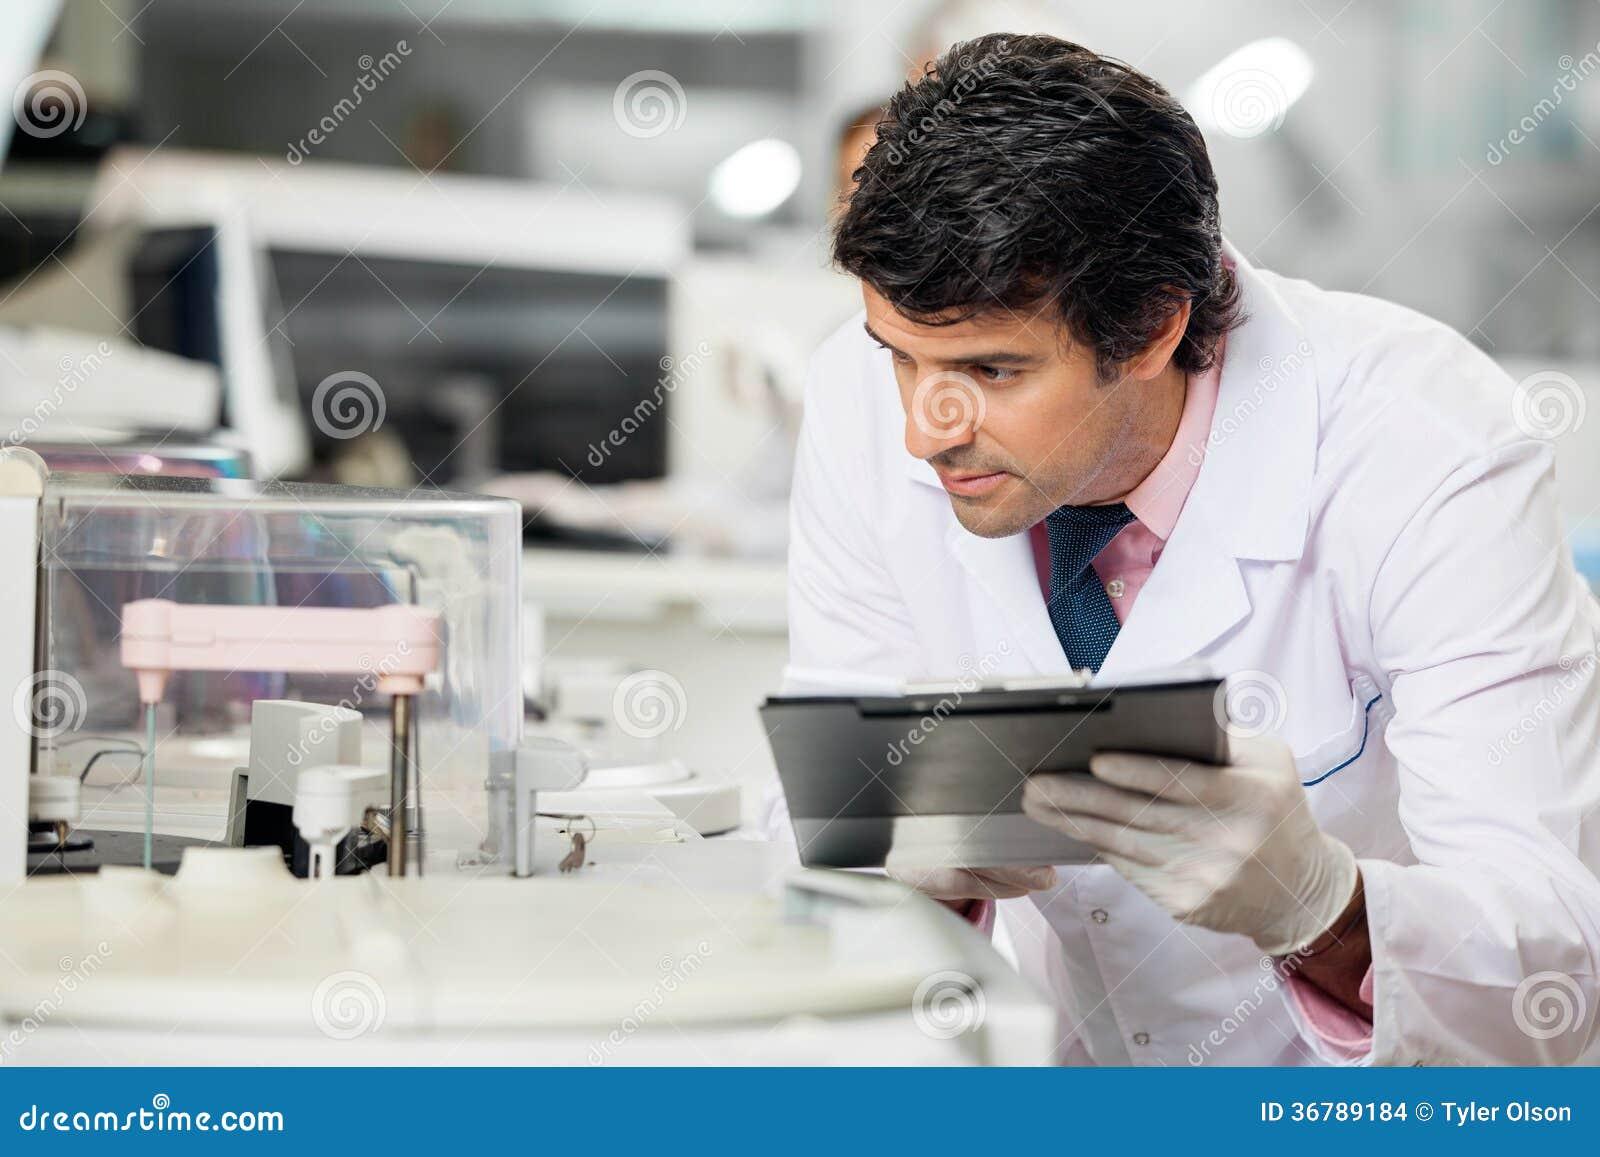 Naukowiec Obserwuje eksperyment